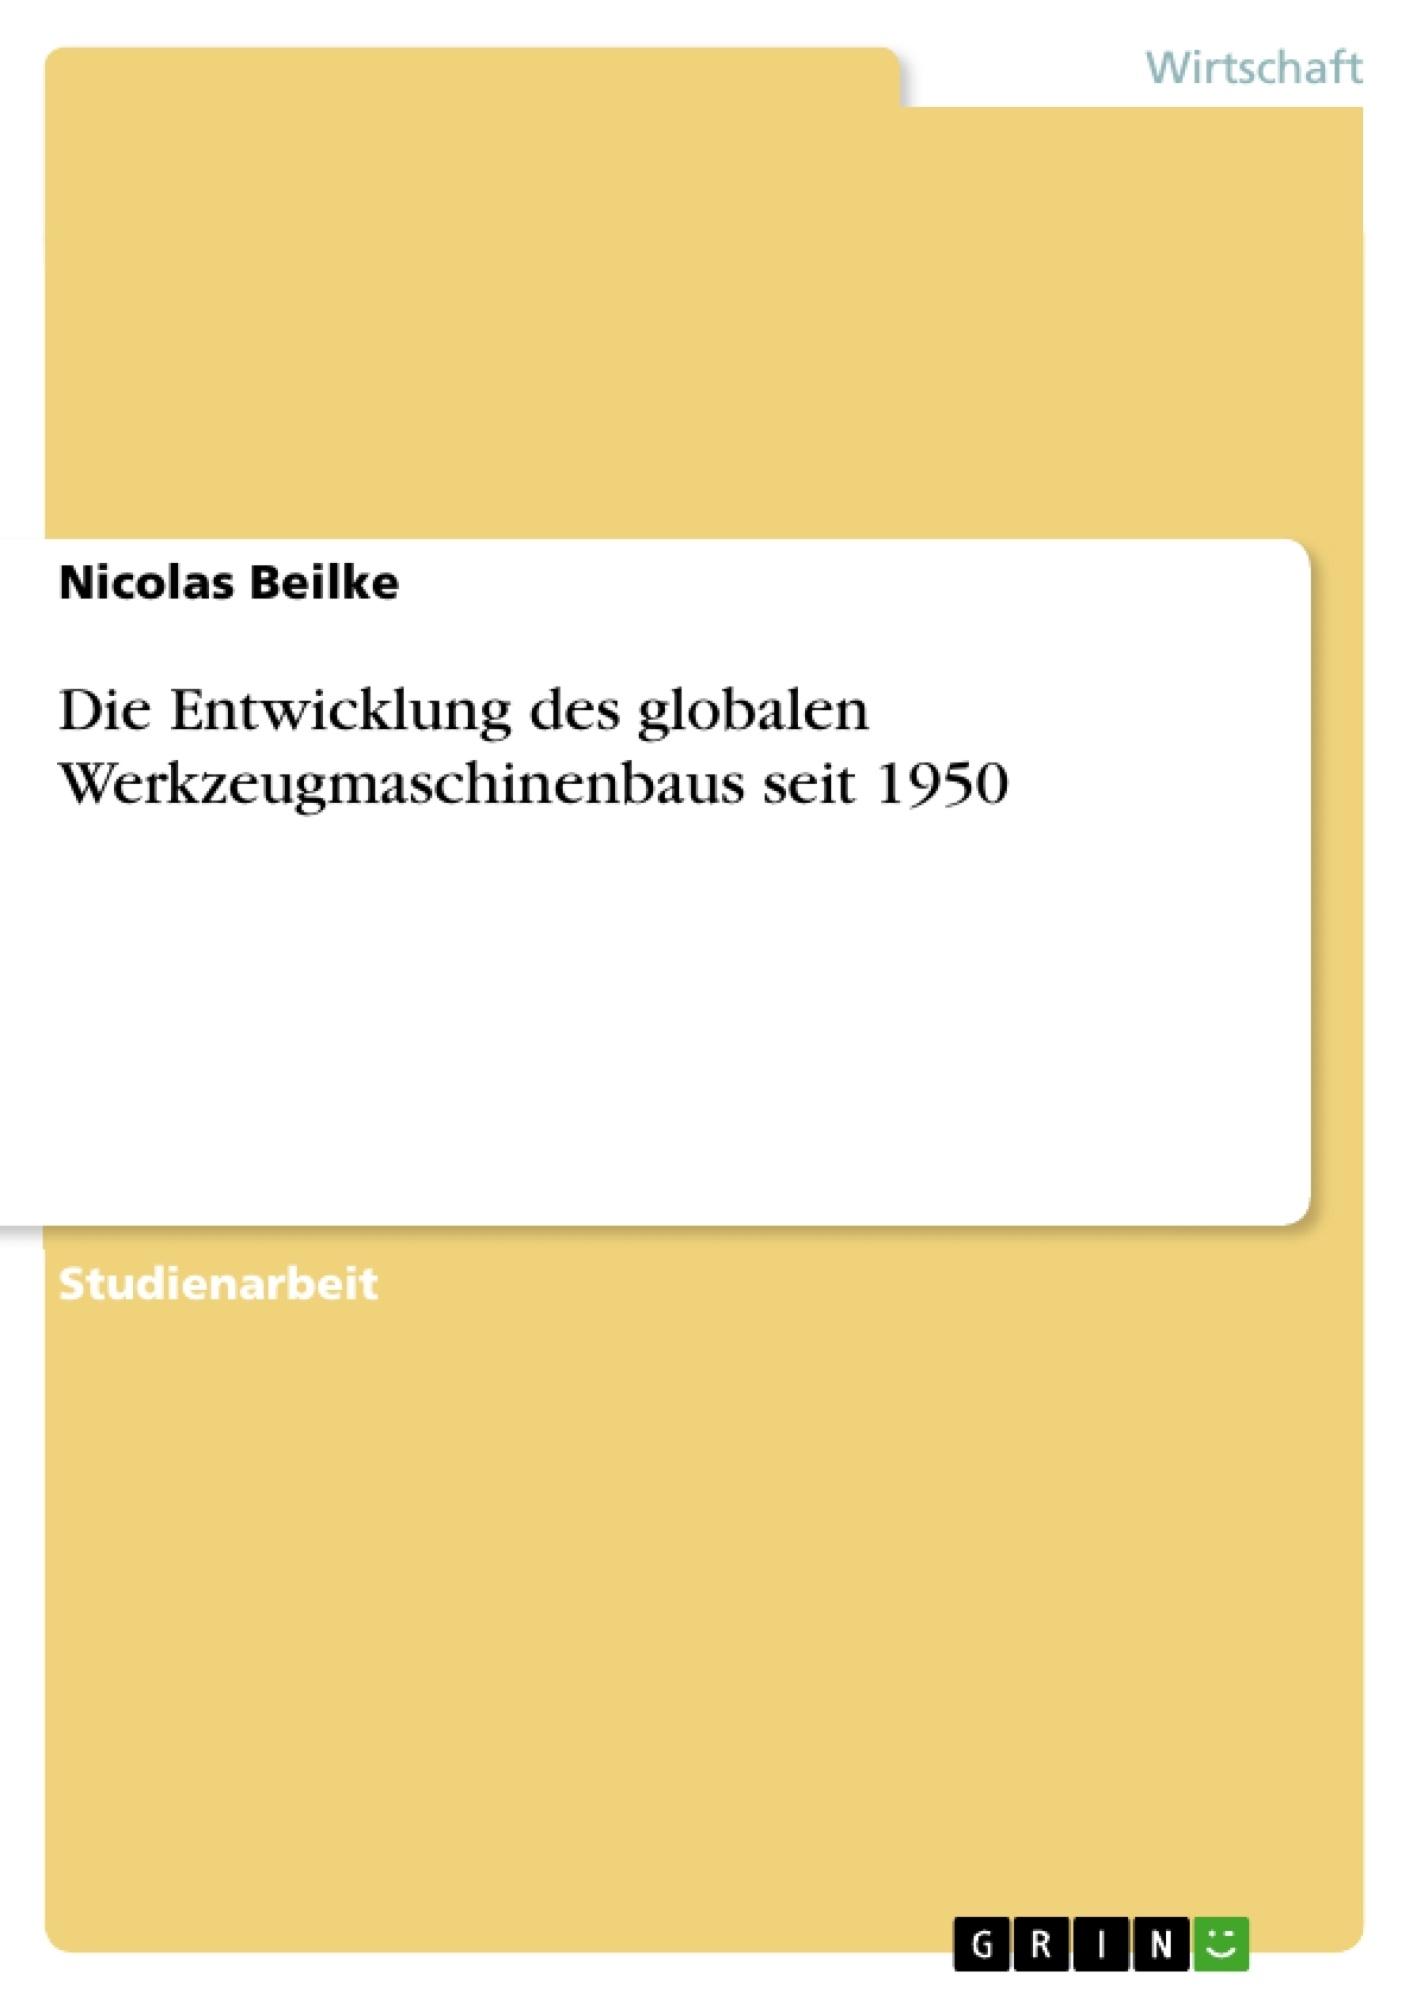 Titel: Die Entwicklung des globalen Werkzeugmaschinenbaus seit 1950